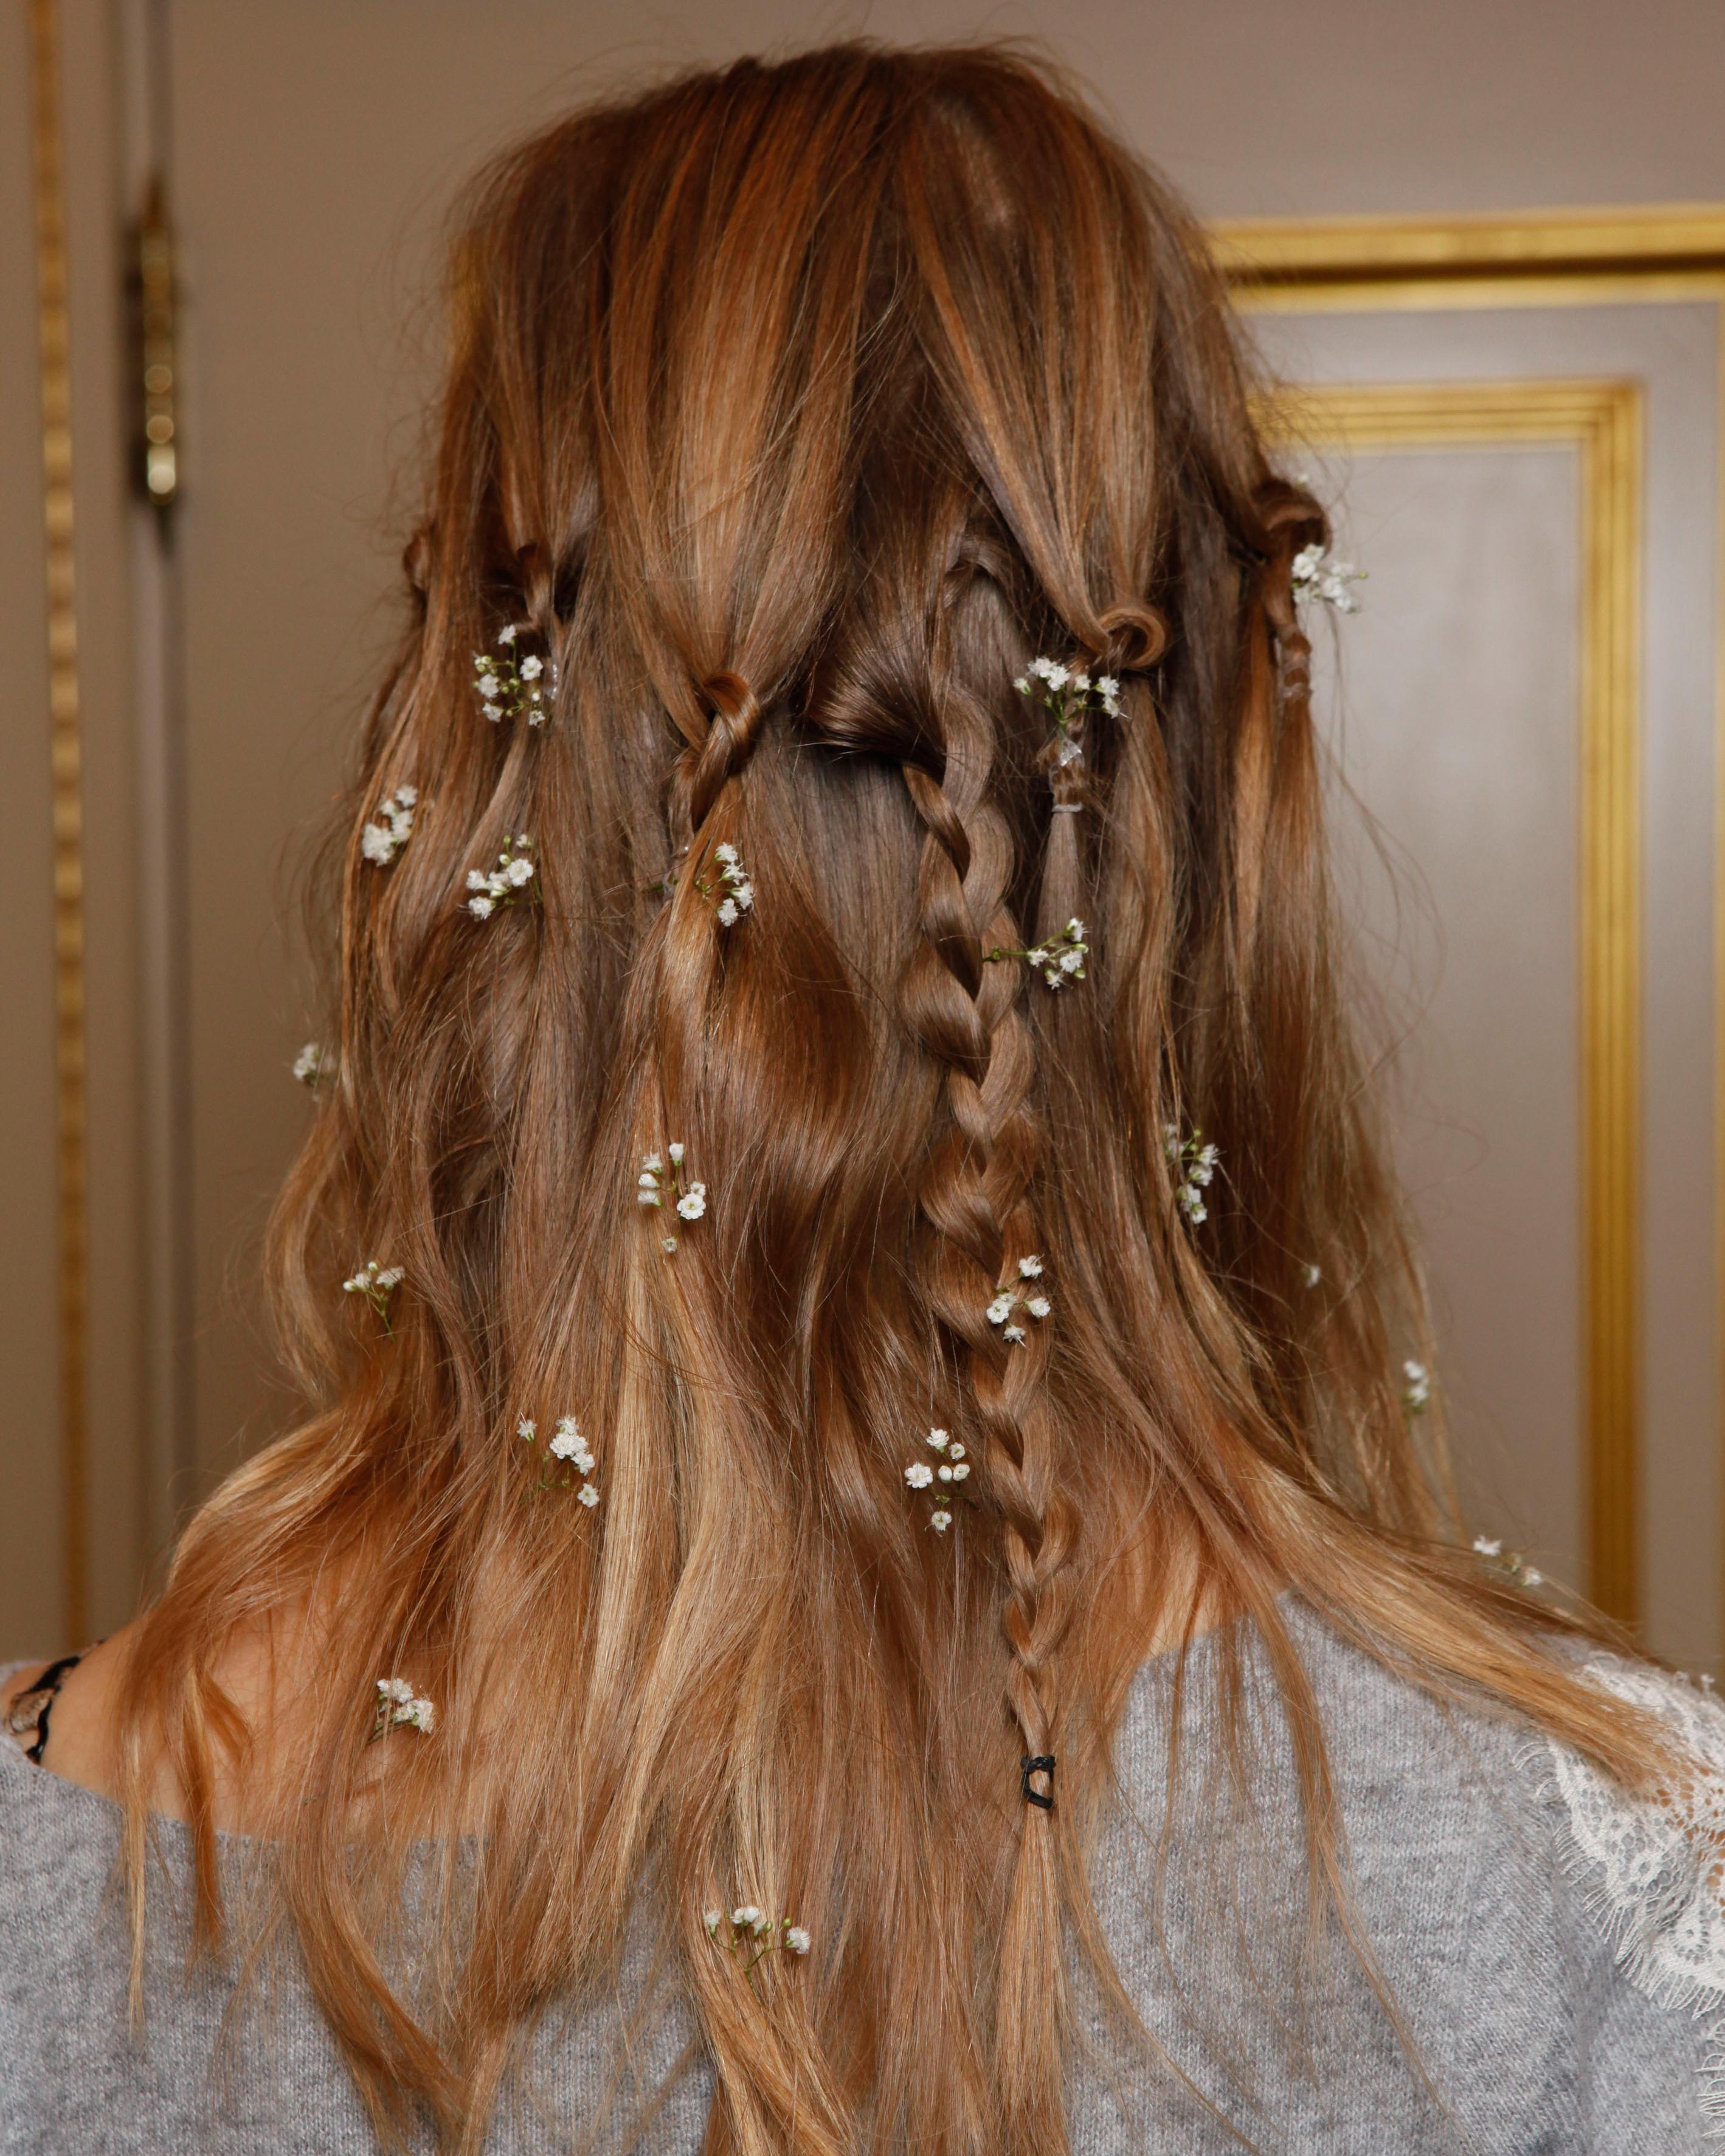 floral-hair-trend-marchesa-fall2015-d111643-024-1114.jpg